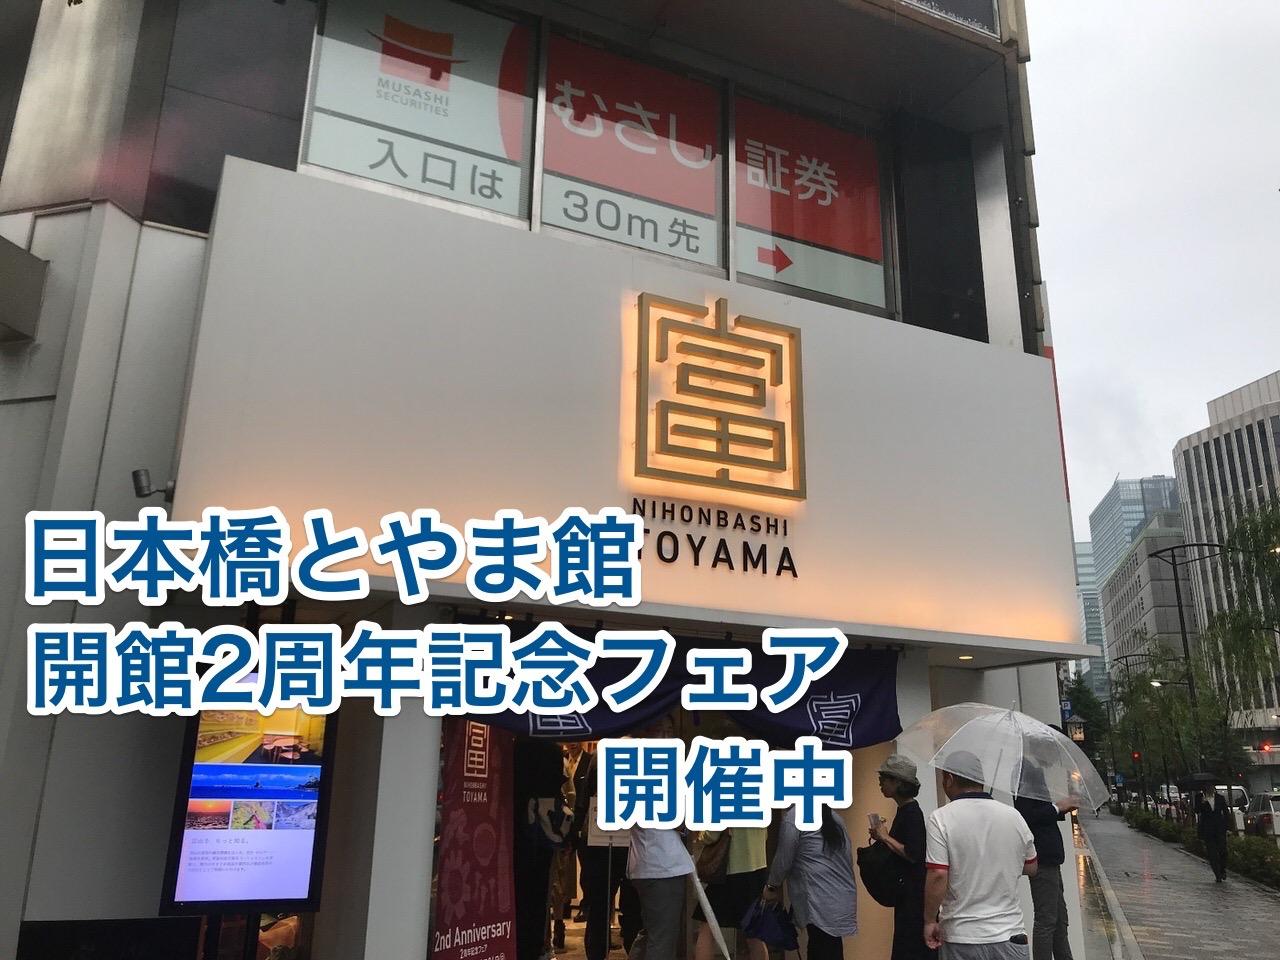 「日本橋とやま館」開館2周年記念フェア開催中 〜鱒寿司とホタルイカを食べ比べしてみた